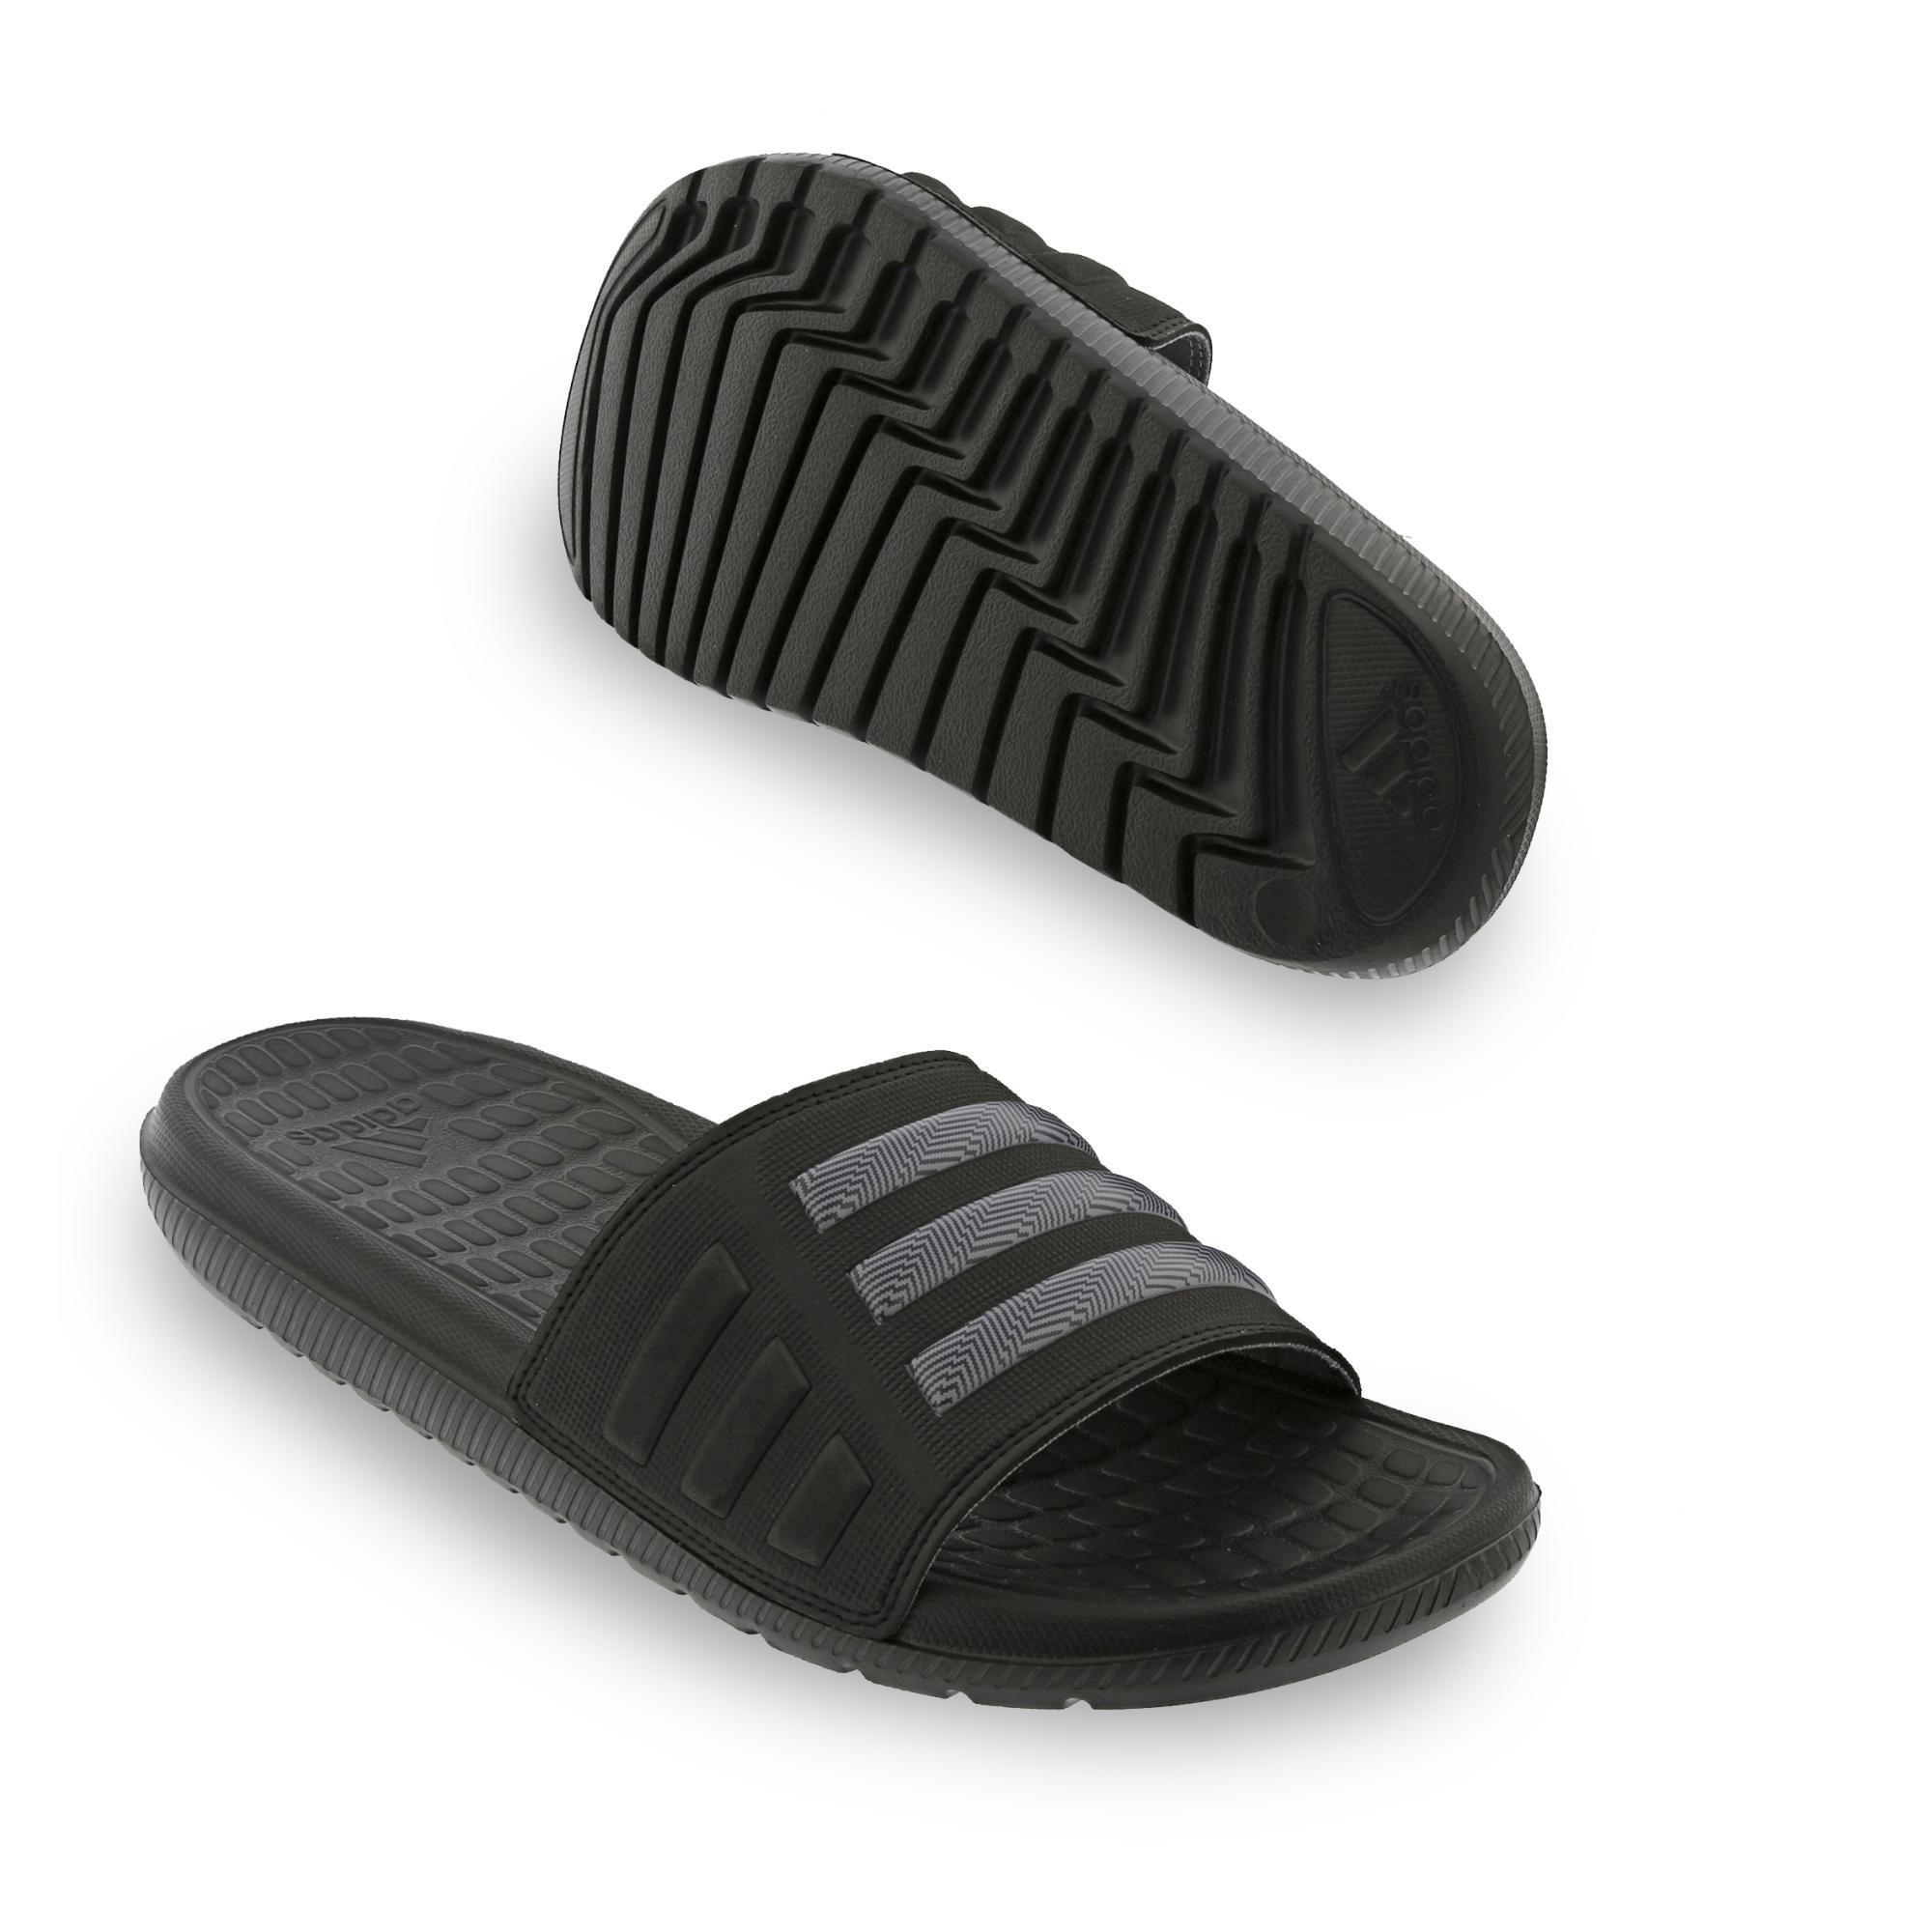 adidas Adilette Badeschuhe Badesandale Mungo QD 2.0, Farbe:Schwarztöne;Größe:UK 10 - EUR 44 2/3 - 27.5 cm